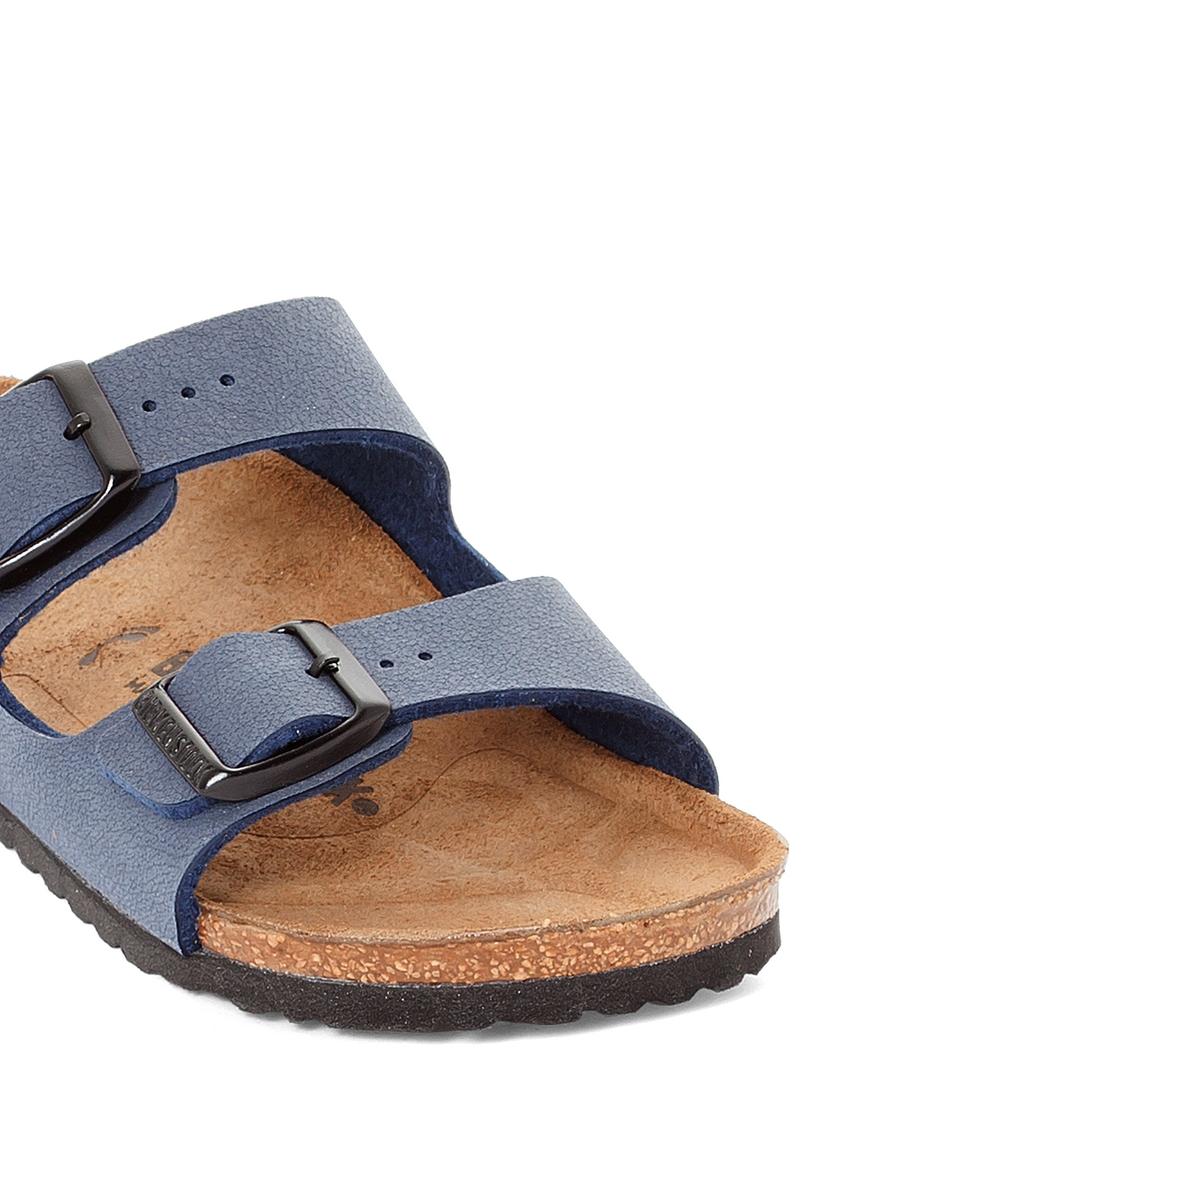 Туфли без задника синтетическиеОписание:Детали   •  Туфли без задника •  Застежка : без застежки •  Открытый мысокСостав и уход  •  Верх 100% синтетический материал •  Подкладка 100% текстиль •  Стелька 100% кожа •  Подошва 100% ЭВА<br><br>Цвет: темно-синий<br>Размер: 31